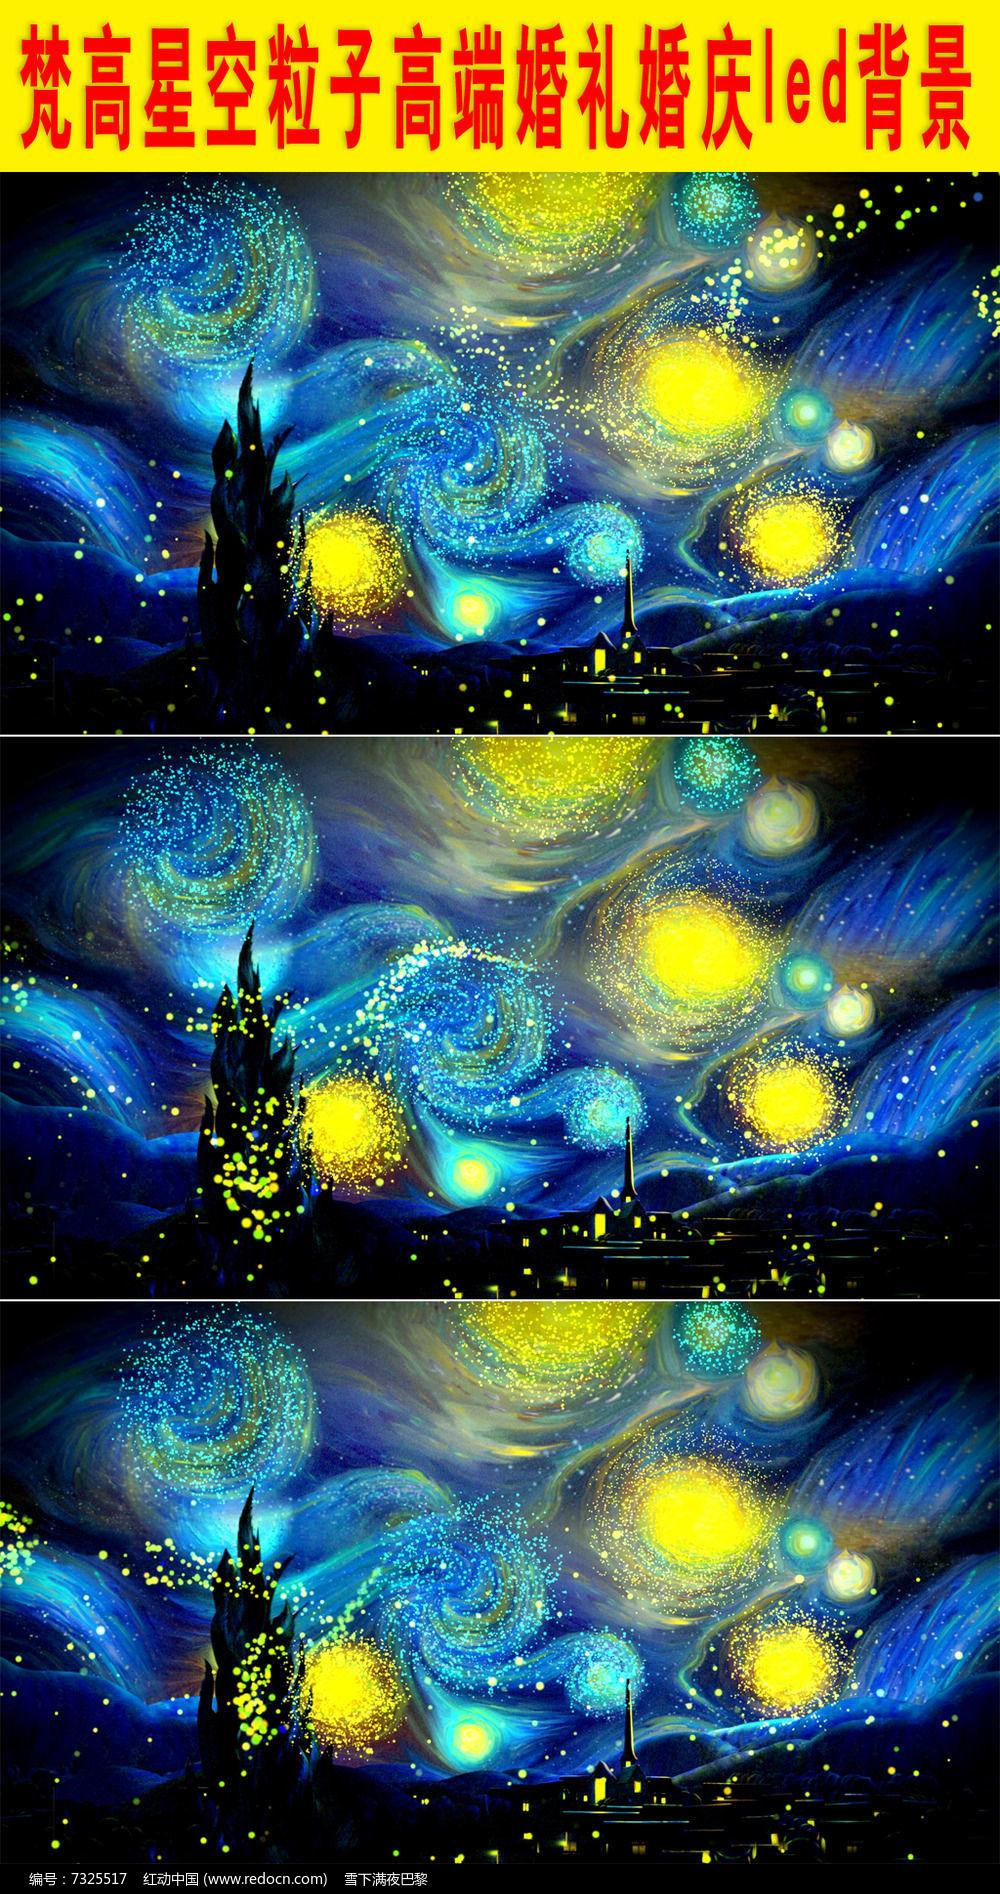 梵高星空粒子高端婚礼婚庆led背景图片